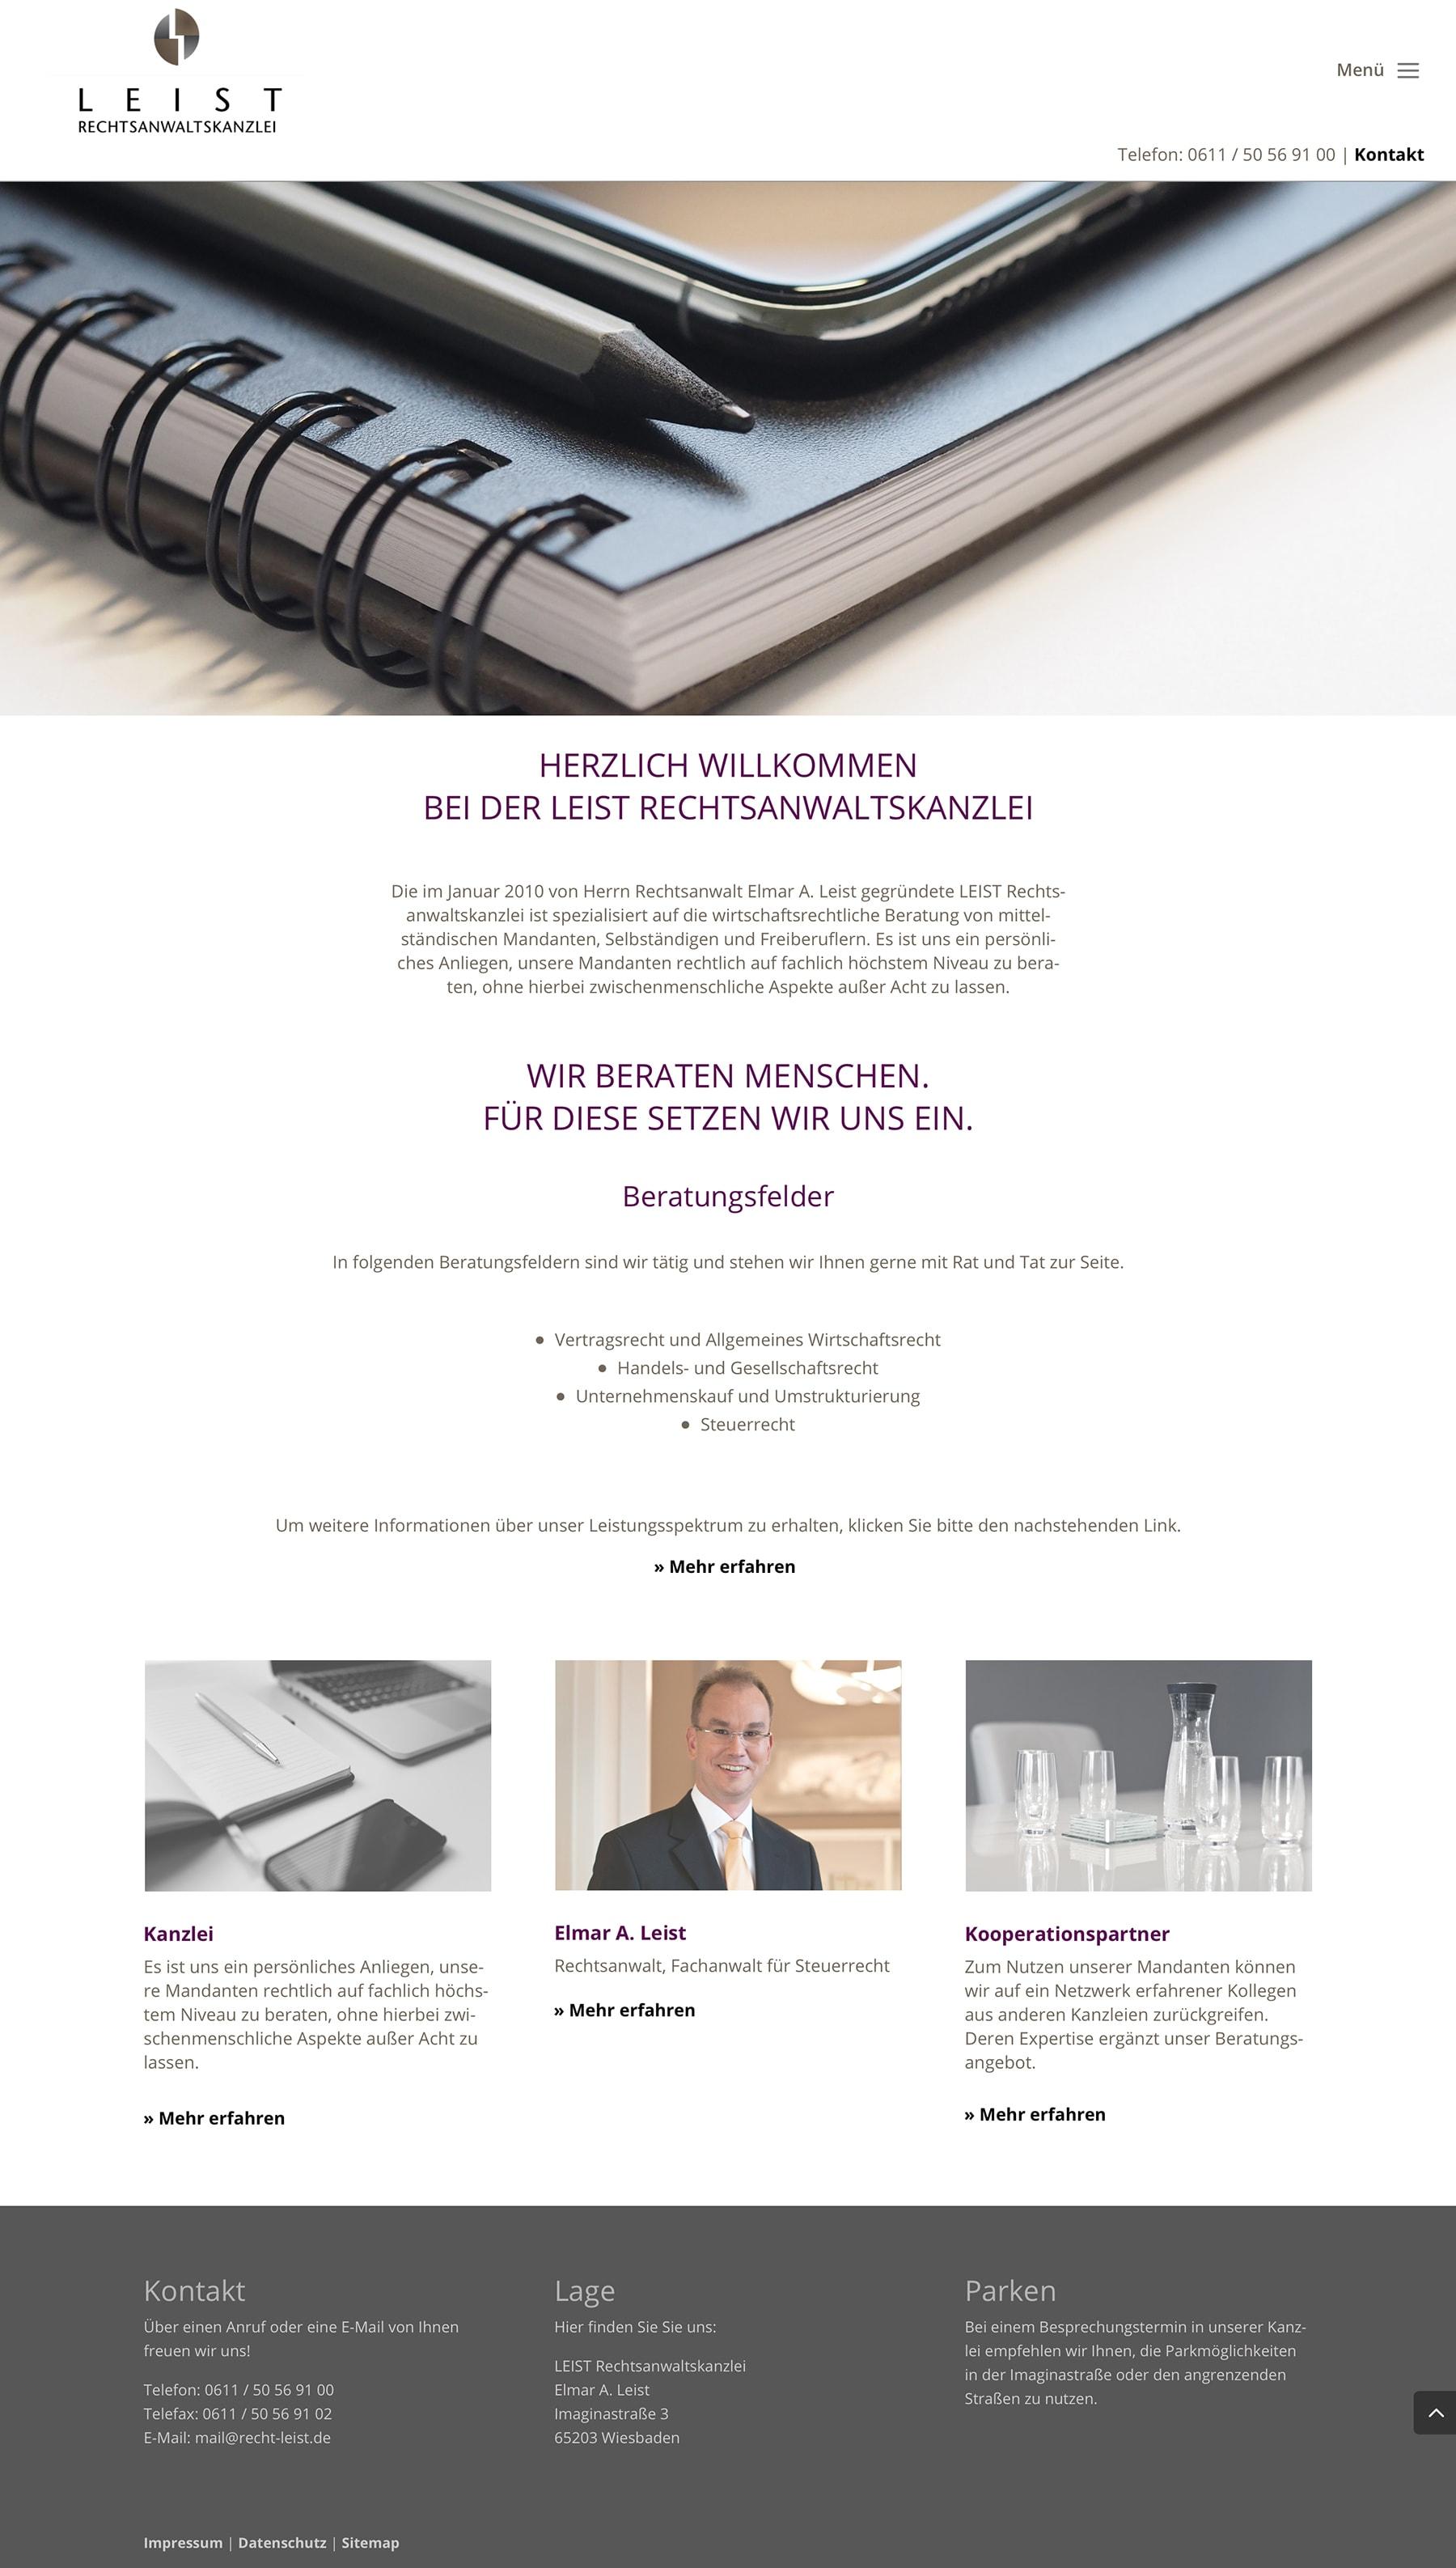 Webdesign Entwicklung für Rechtsanwaltskanzlei durch Grafik-Designer Ronald Wissler